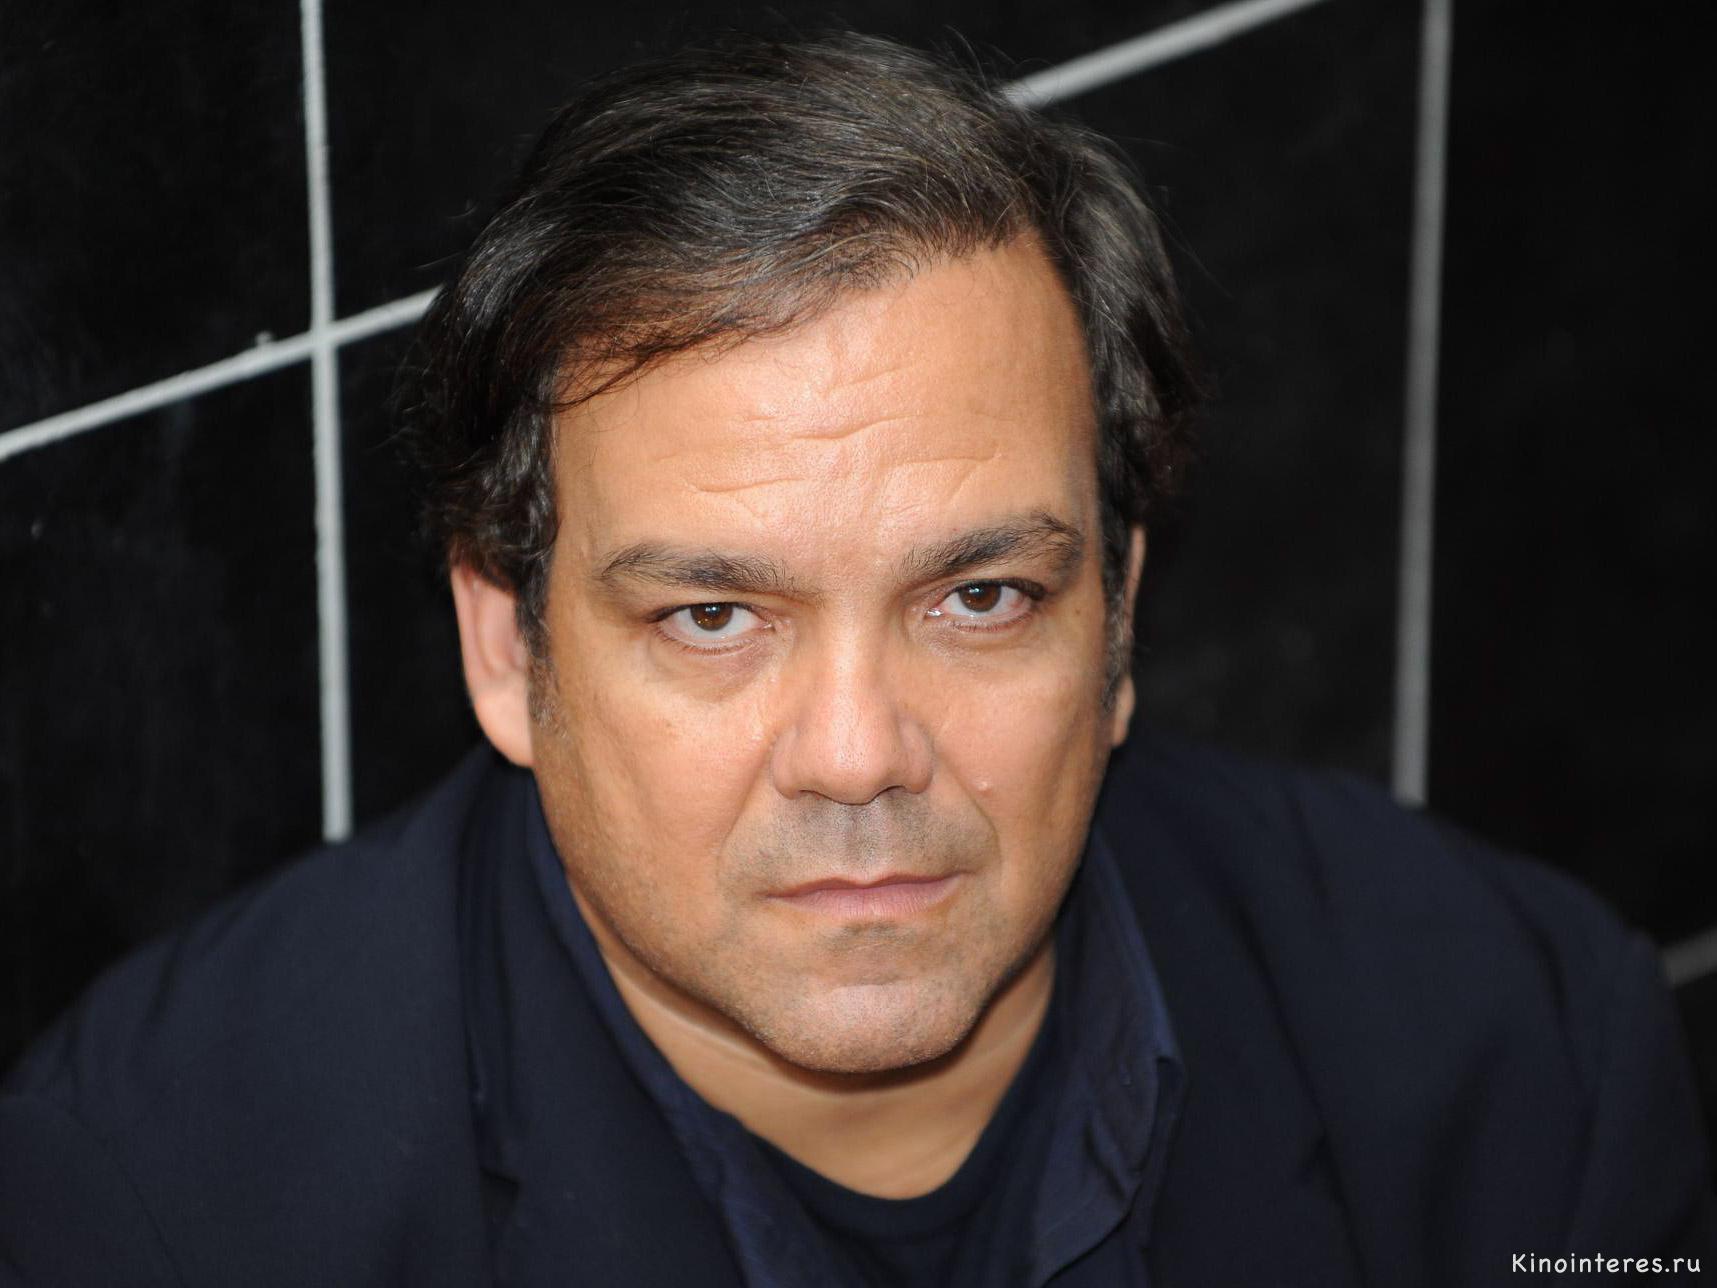 Дидье Бурдон актер